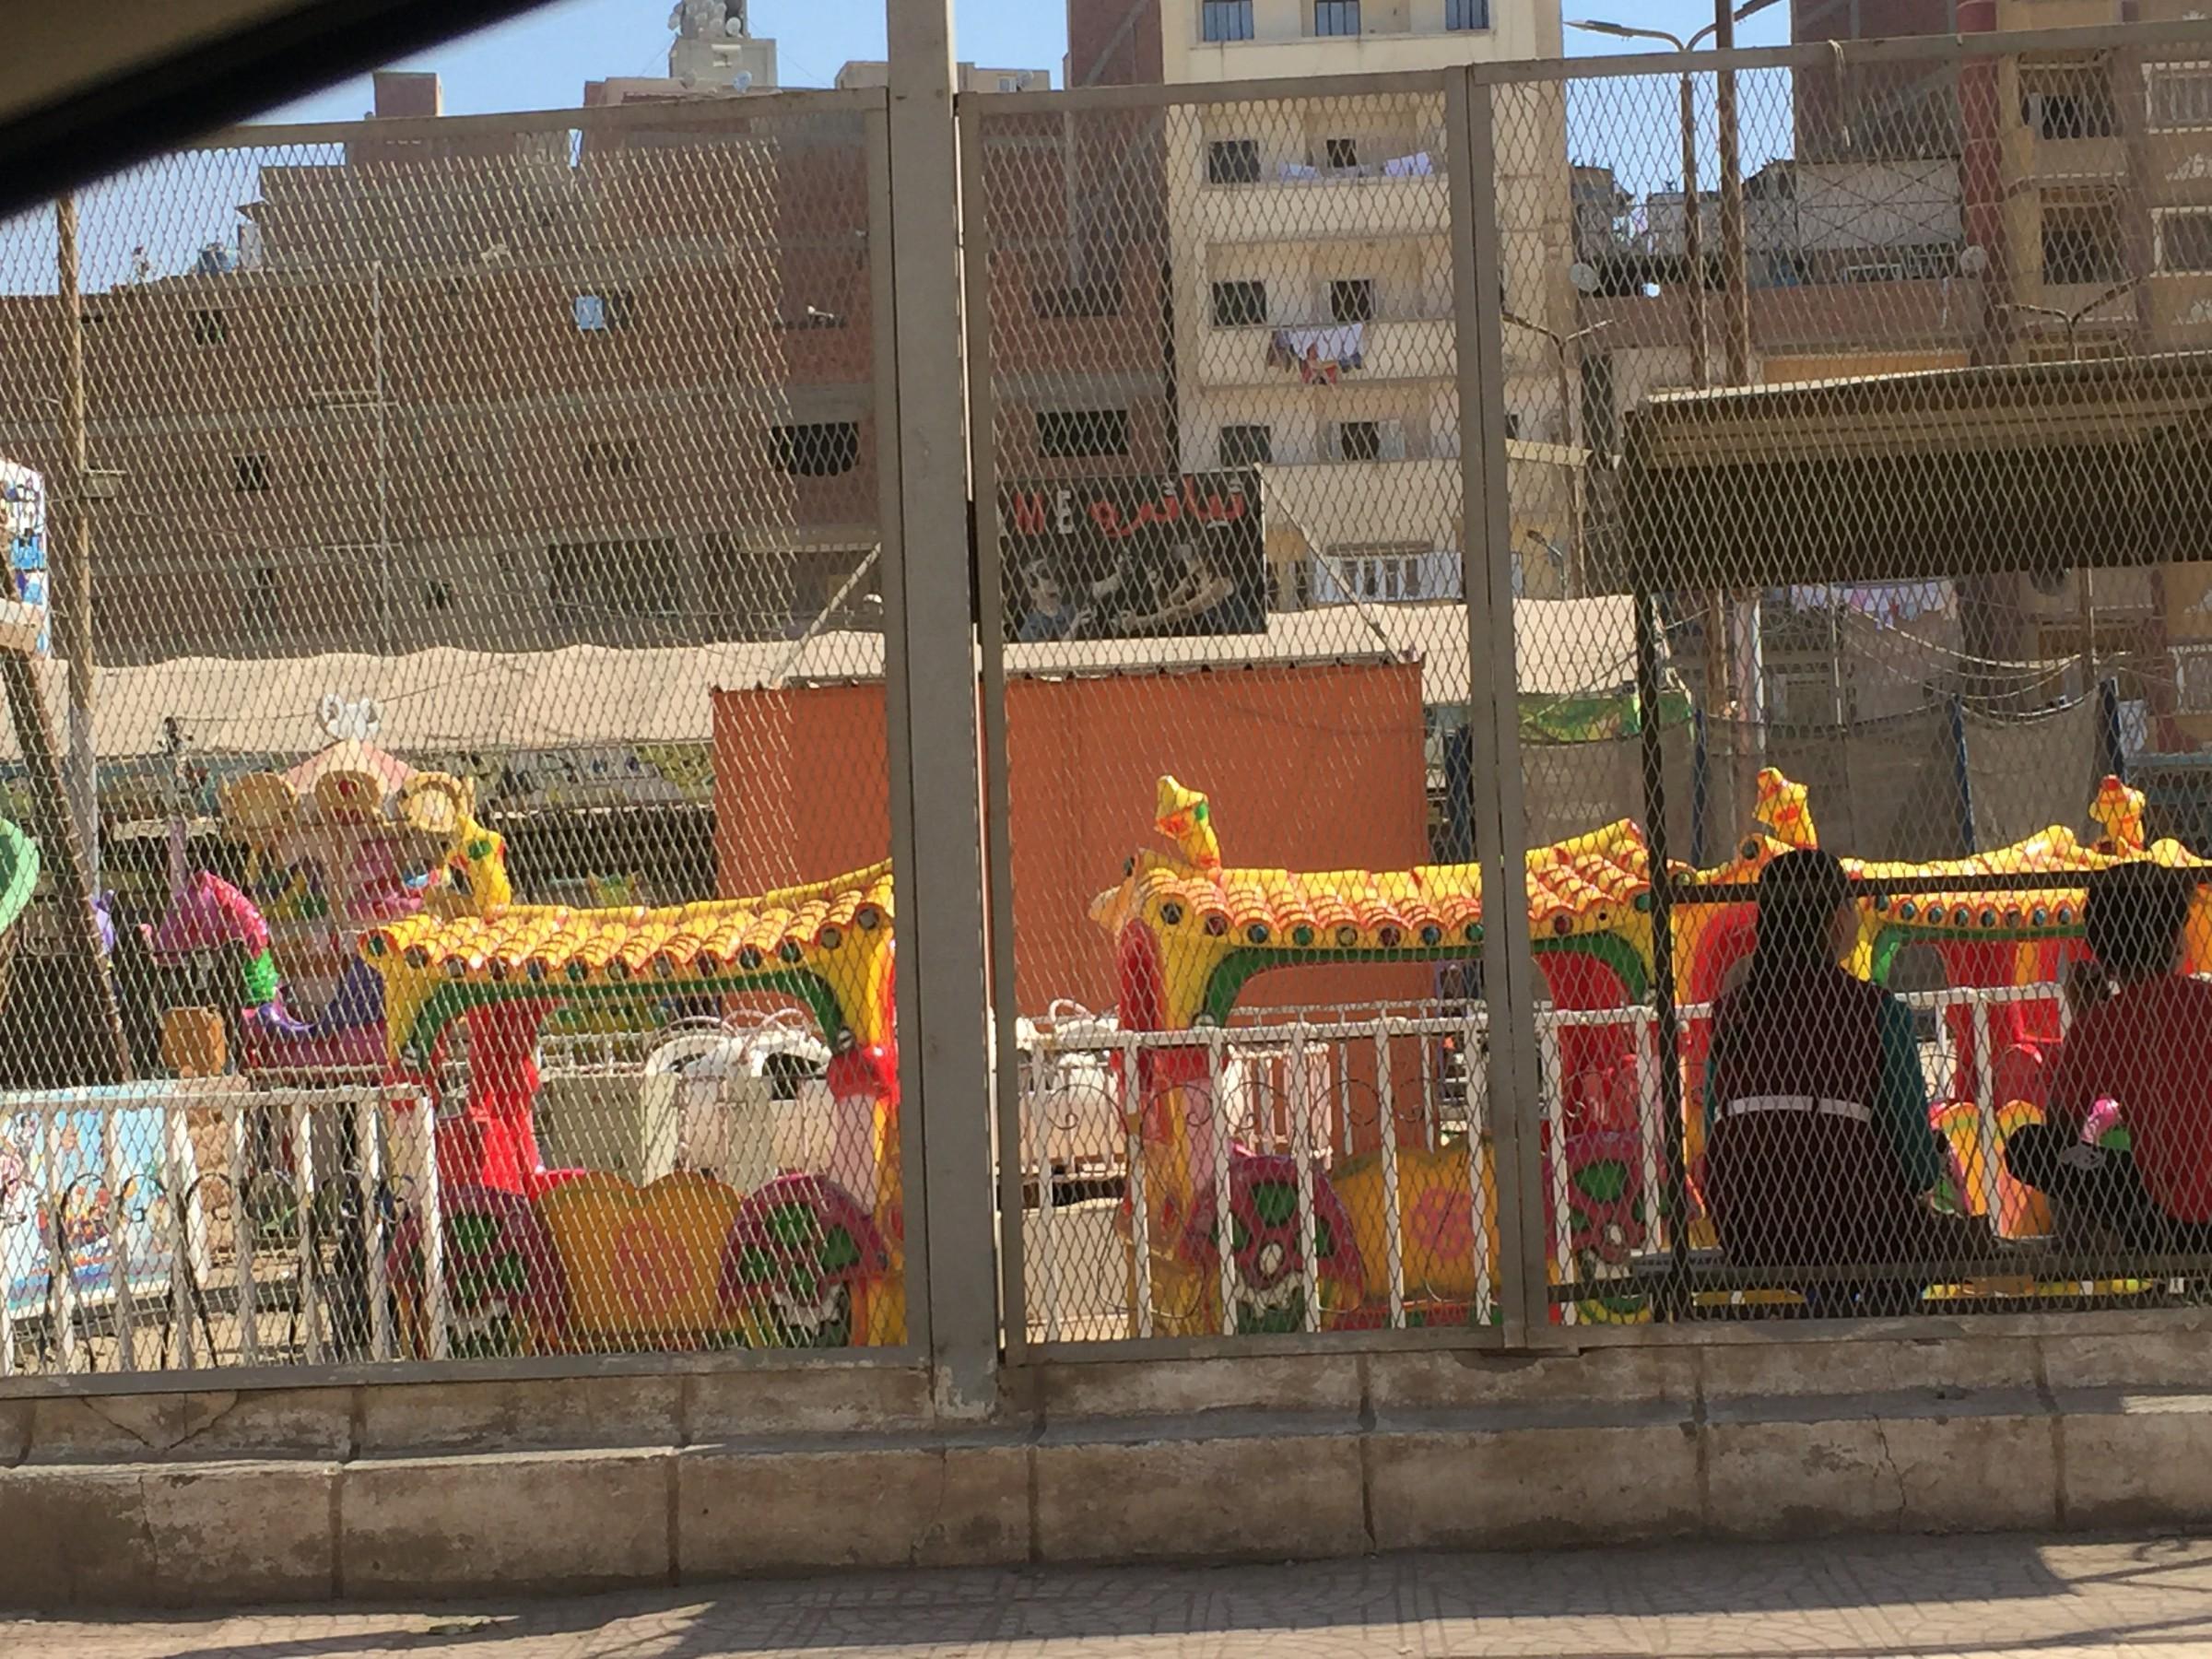 إقبال كبير على الحدائق والمتنزهات فى أول أيام عيد الأضحى بالغربية (5)